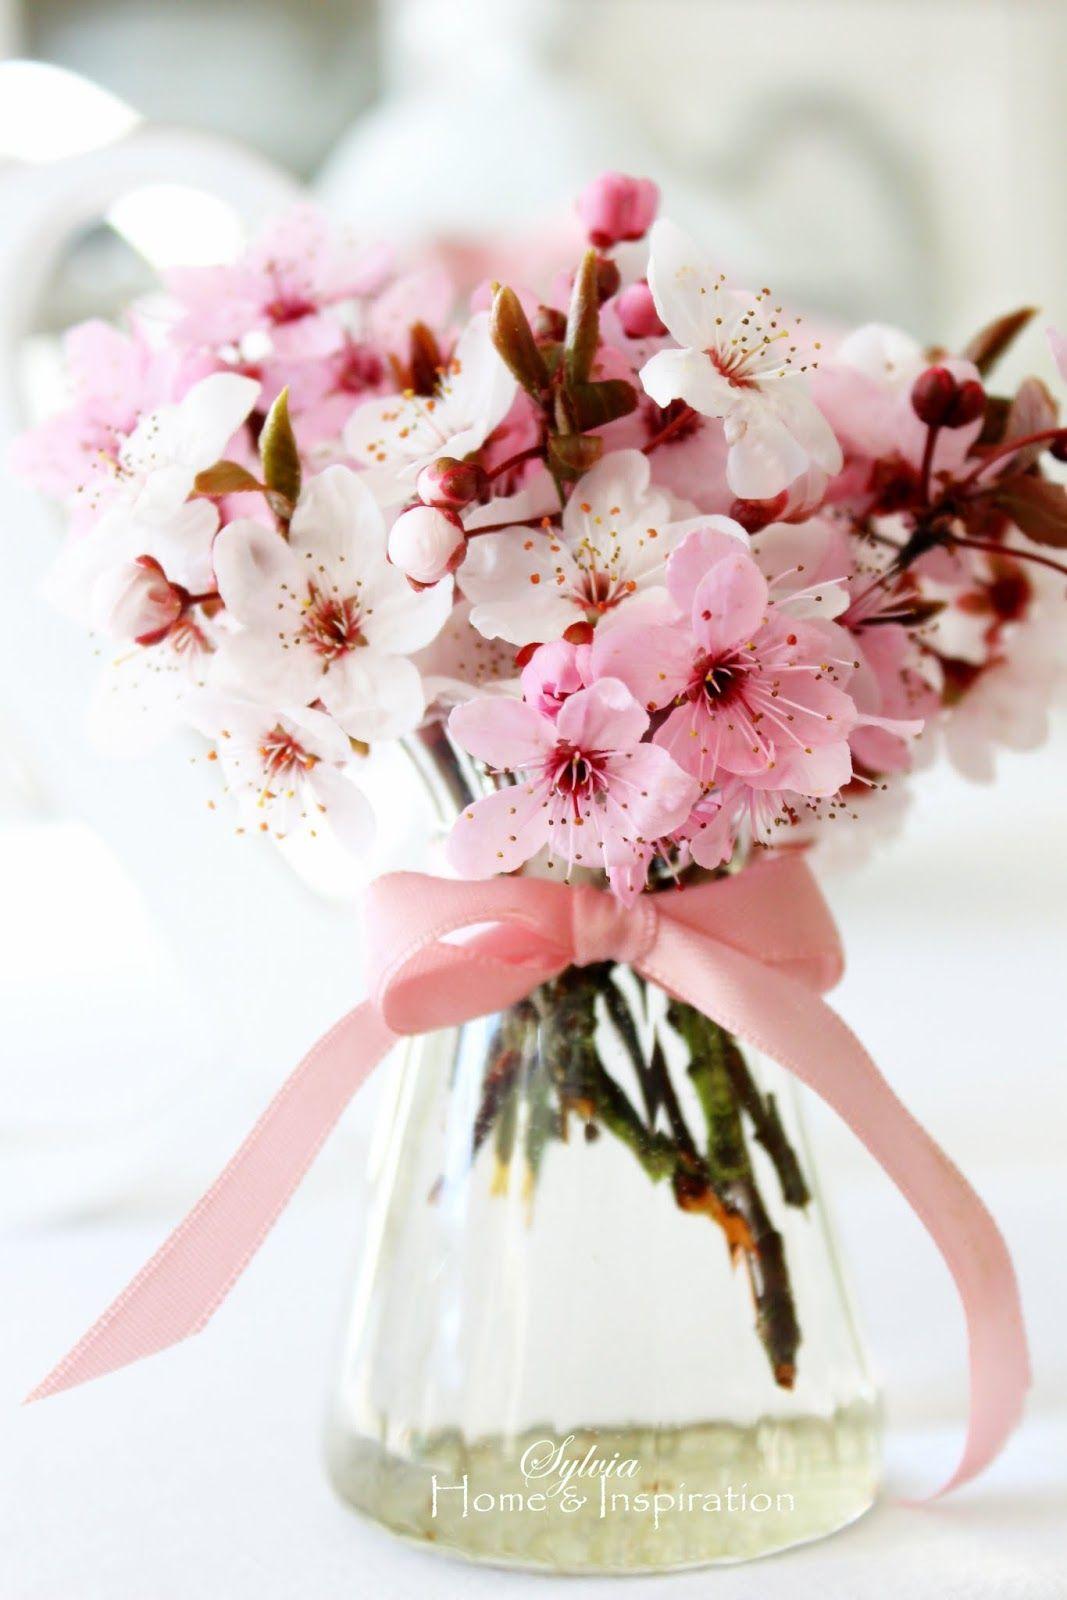 Inspiração | Flowers, Spring blossom and Spring